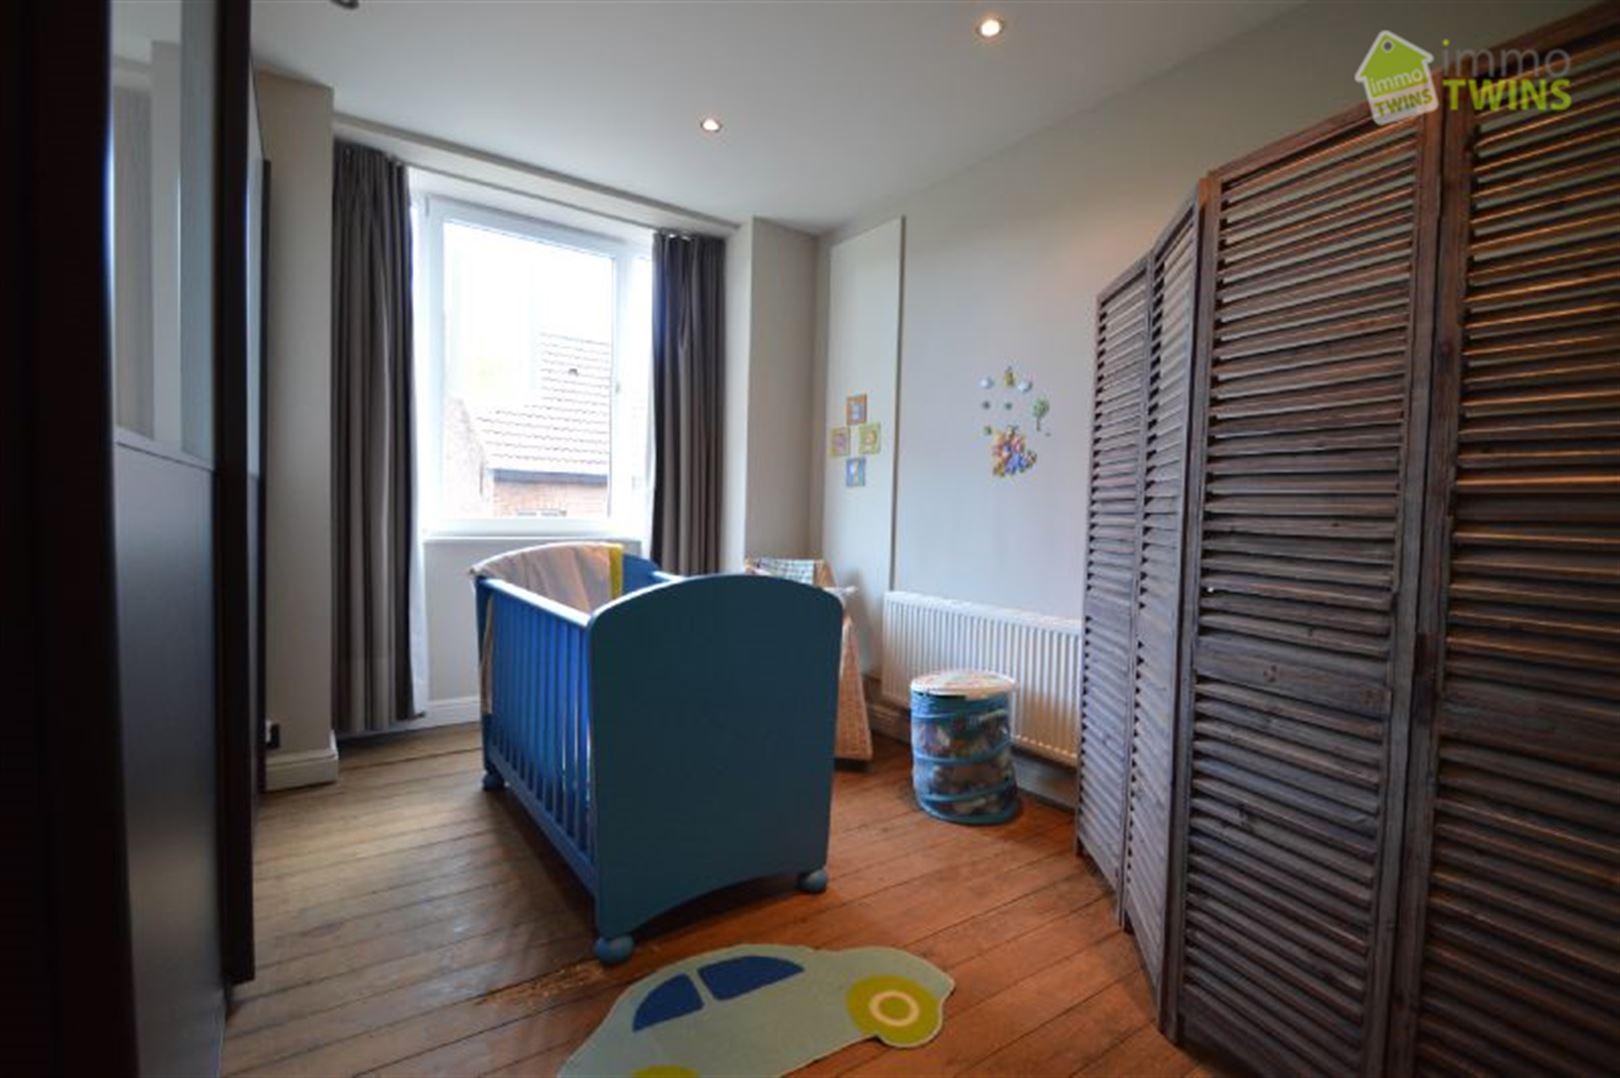 Foto 8 : Huis te 9200 Baasrode (België) - Prijs € 725